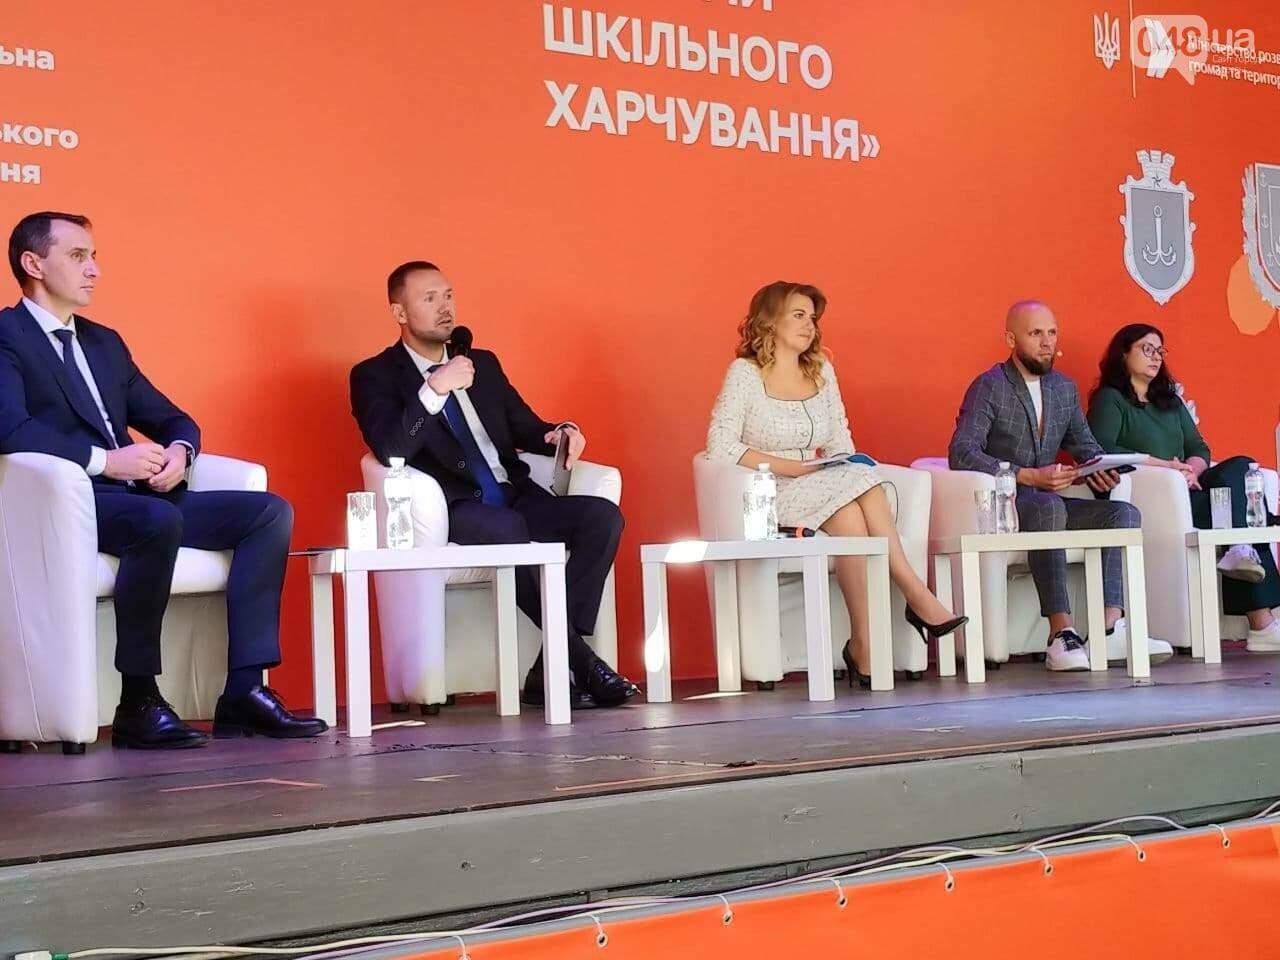 Шкарлету понравилось море, а Ляшко желал всем здоровья: как в Одессе прошел форум по школьному питанию, - ФОТО, фото-3